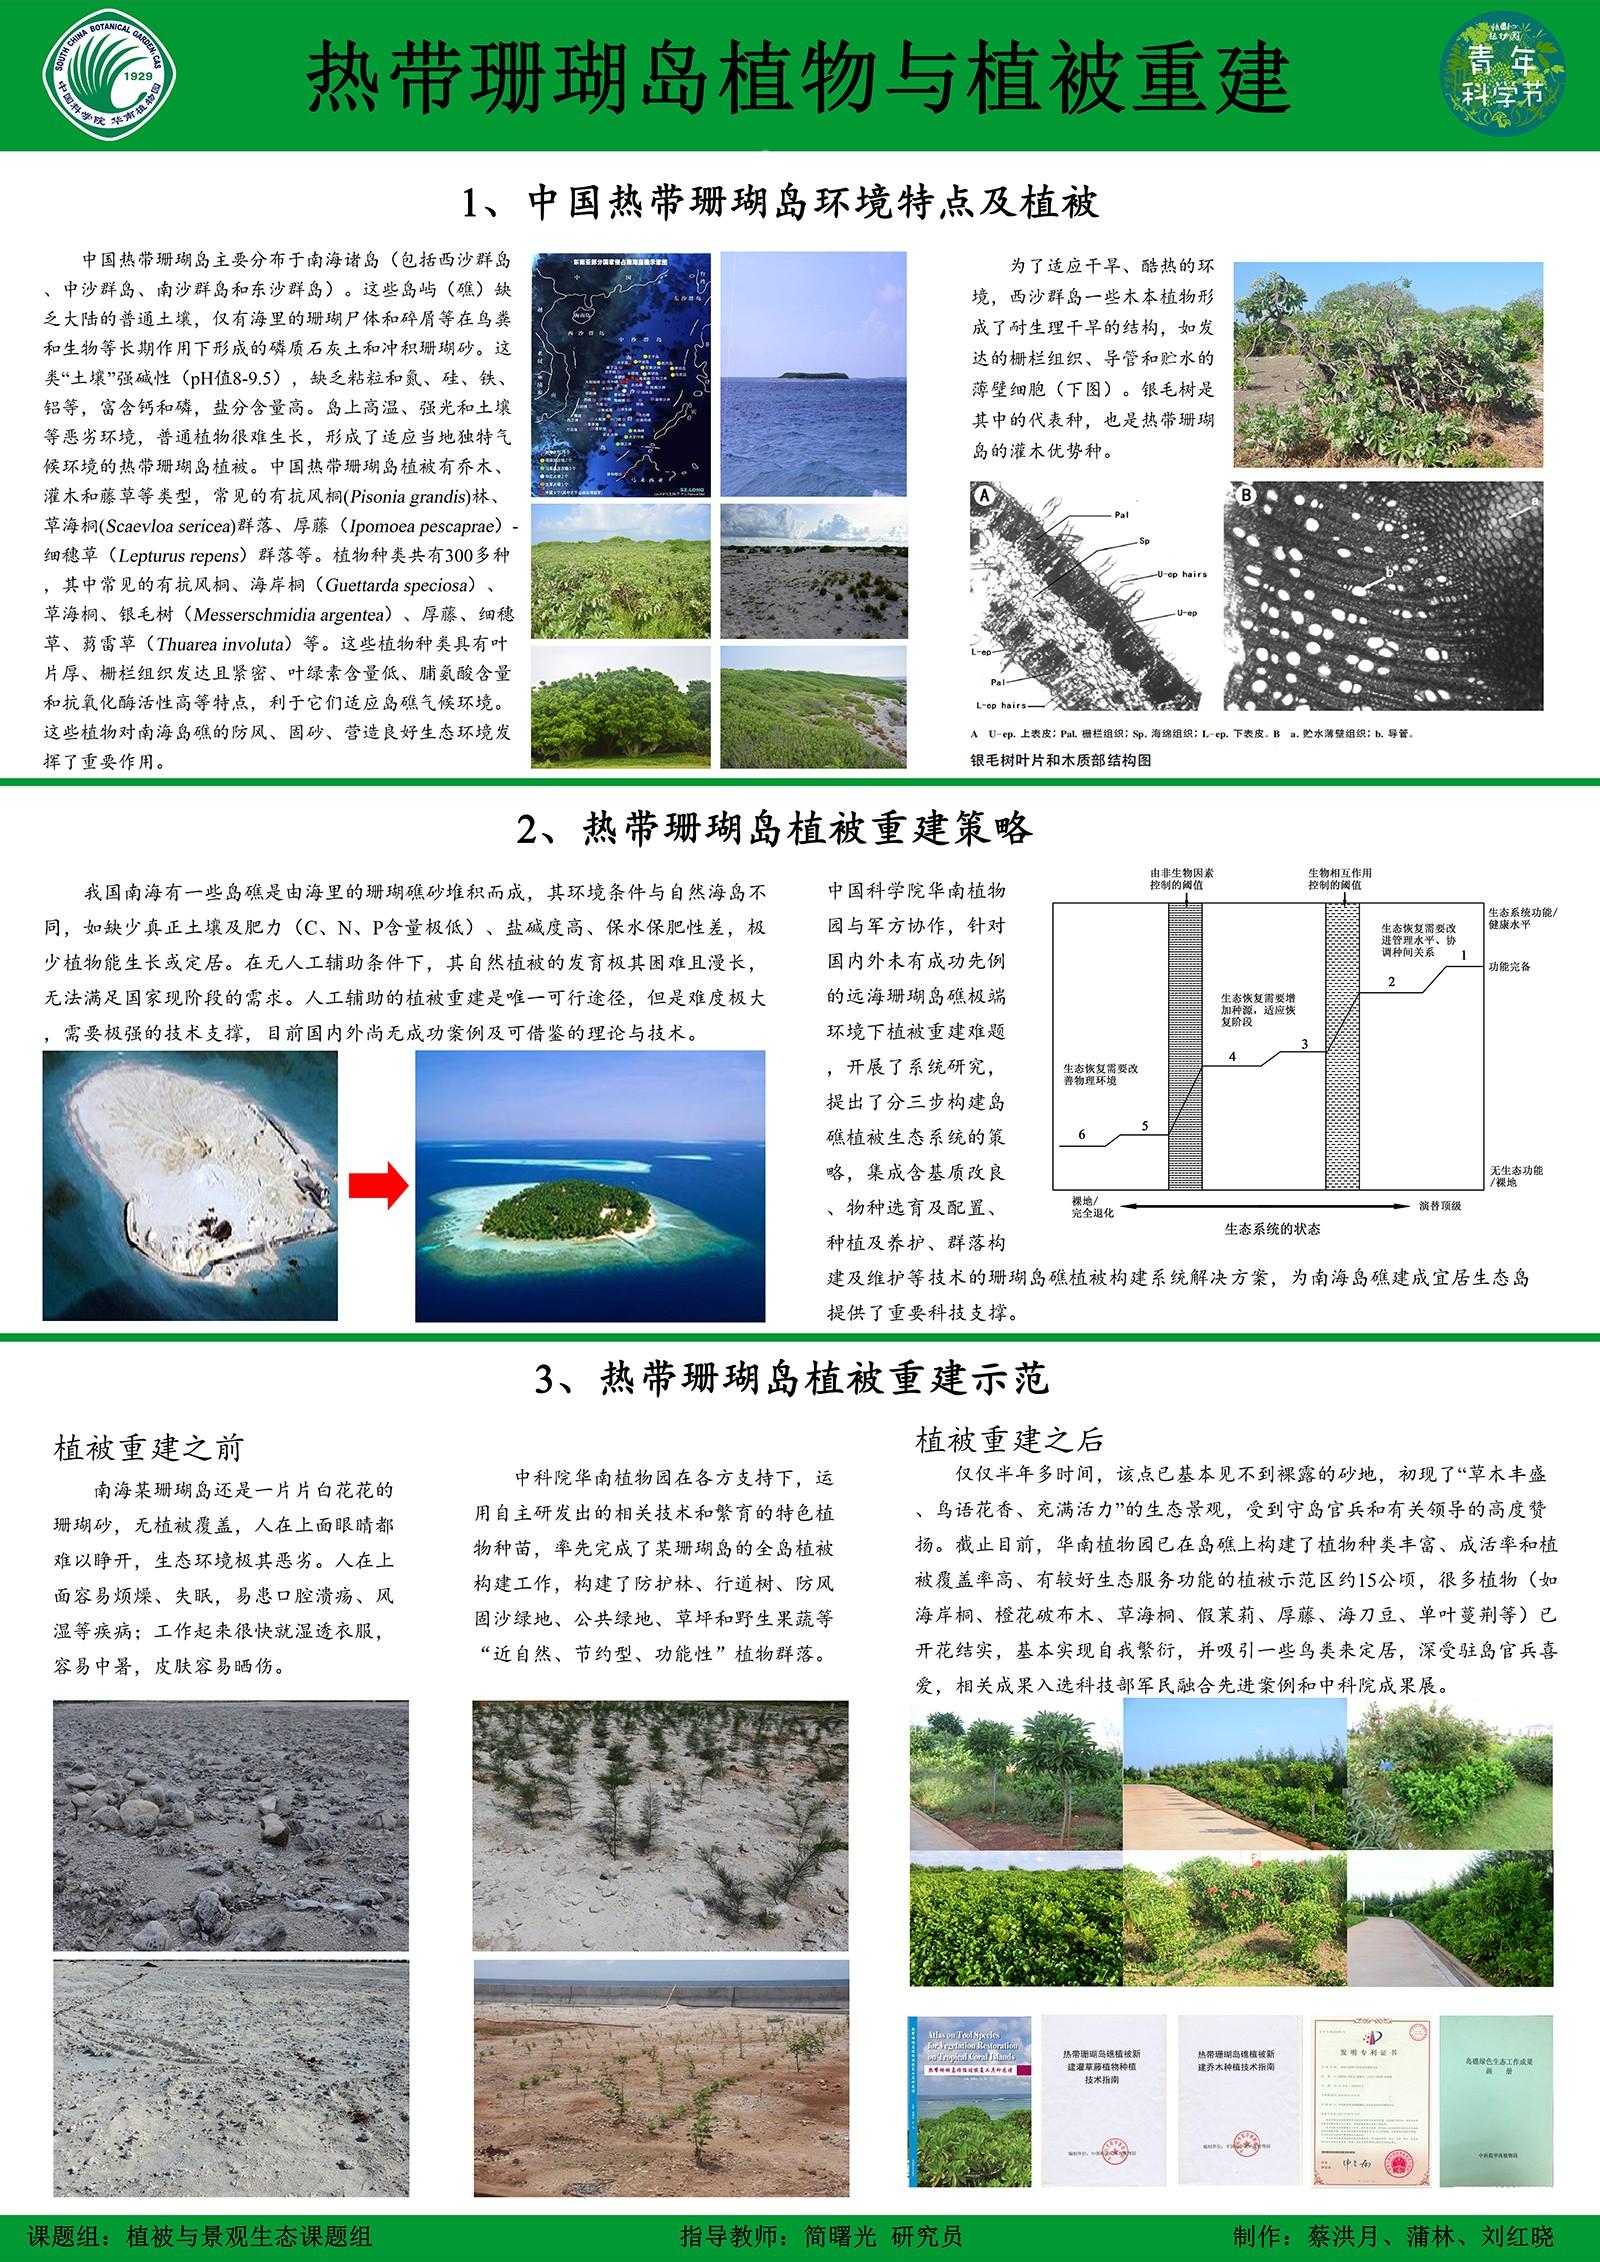 蔡洪月-景观生态-珊瑚岛种子传播